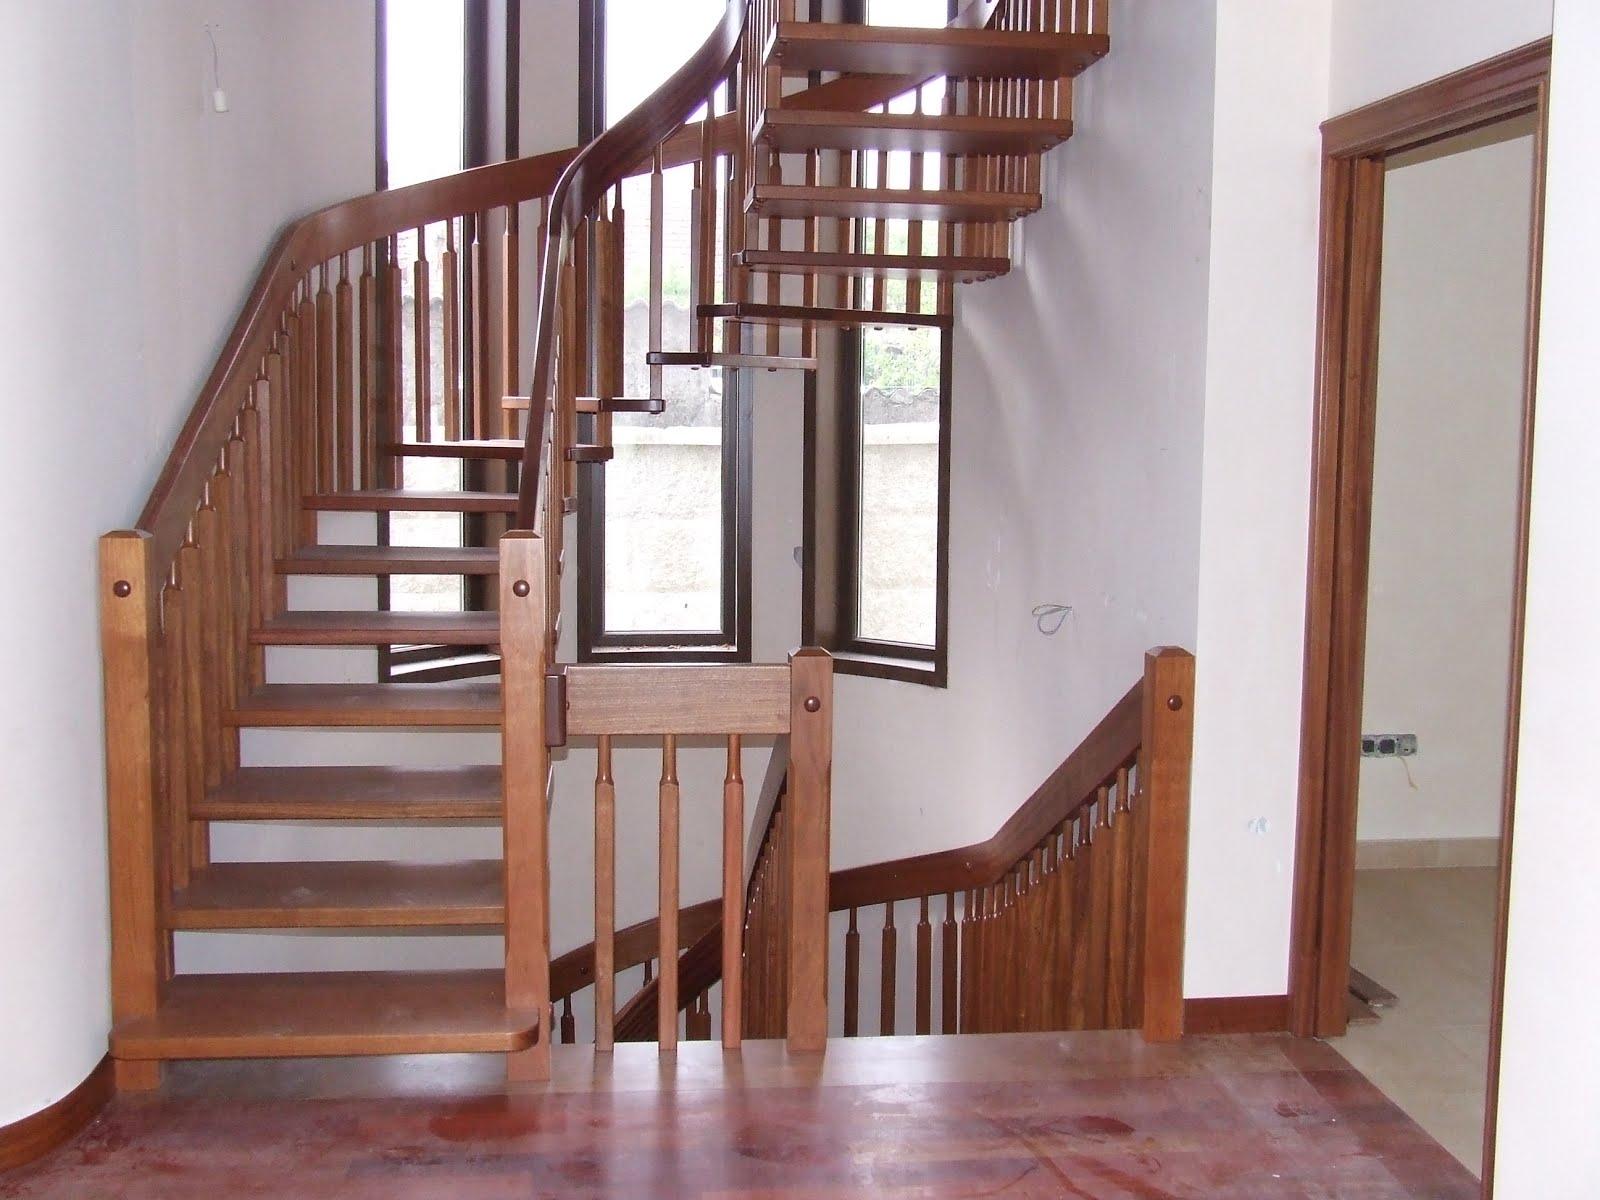 Escaleras de madera majestuosas escaleras halicoidales for Escaleras para interiores